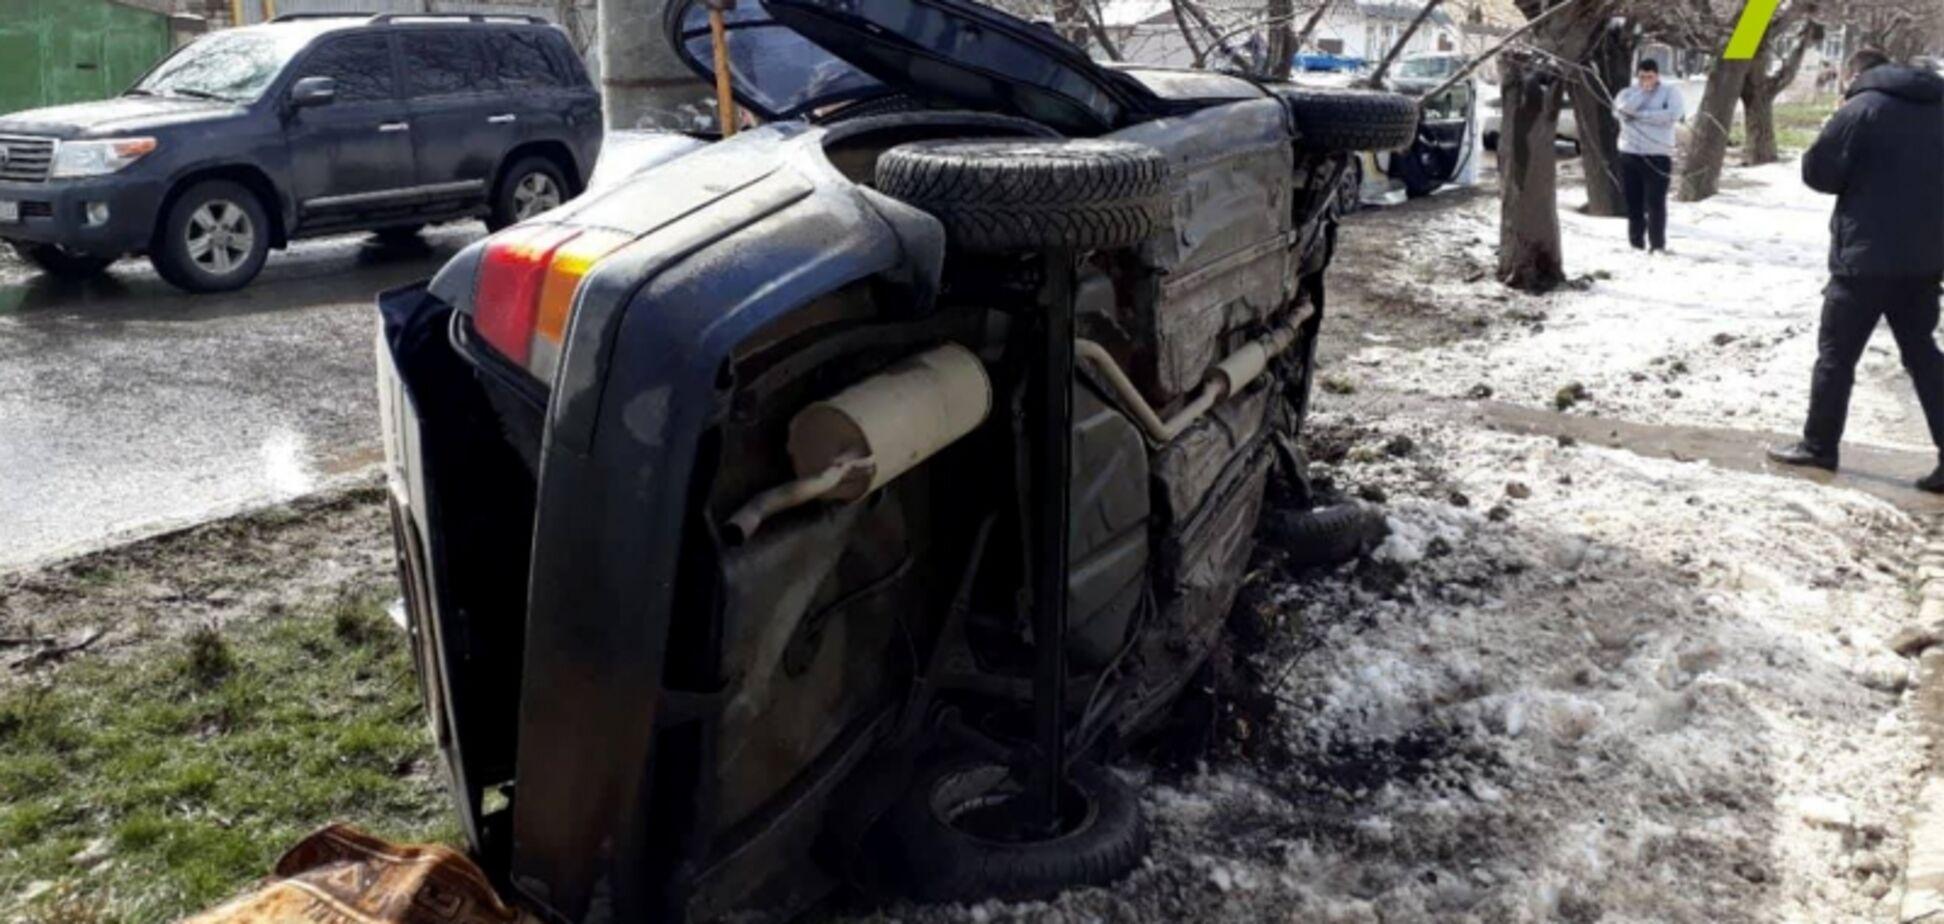 Попутка на той світ: в Одесі сталася масштабна ДТП із загиблими